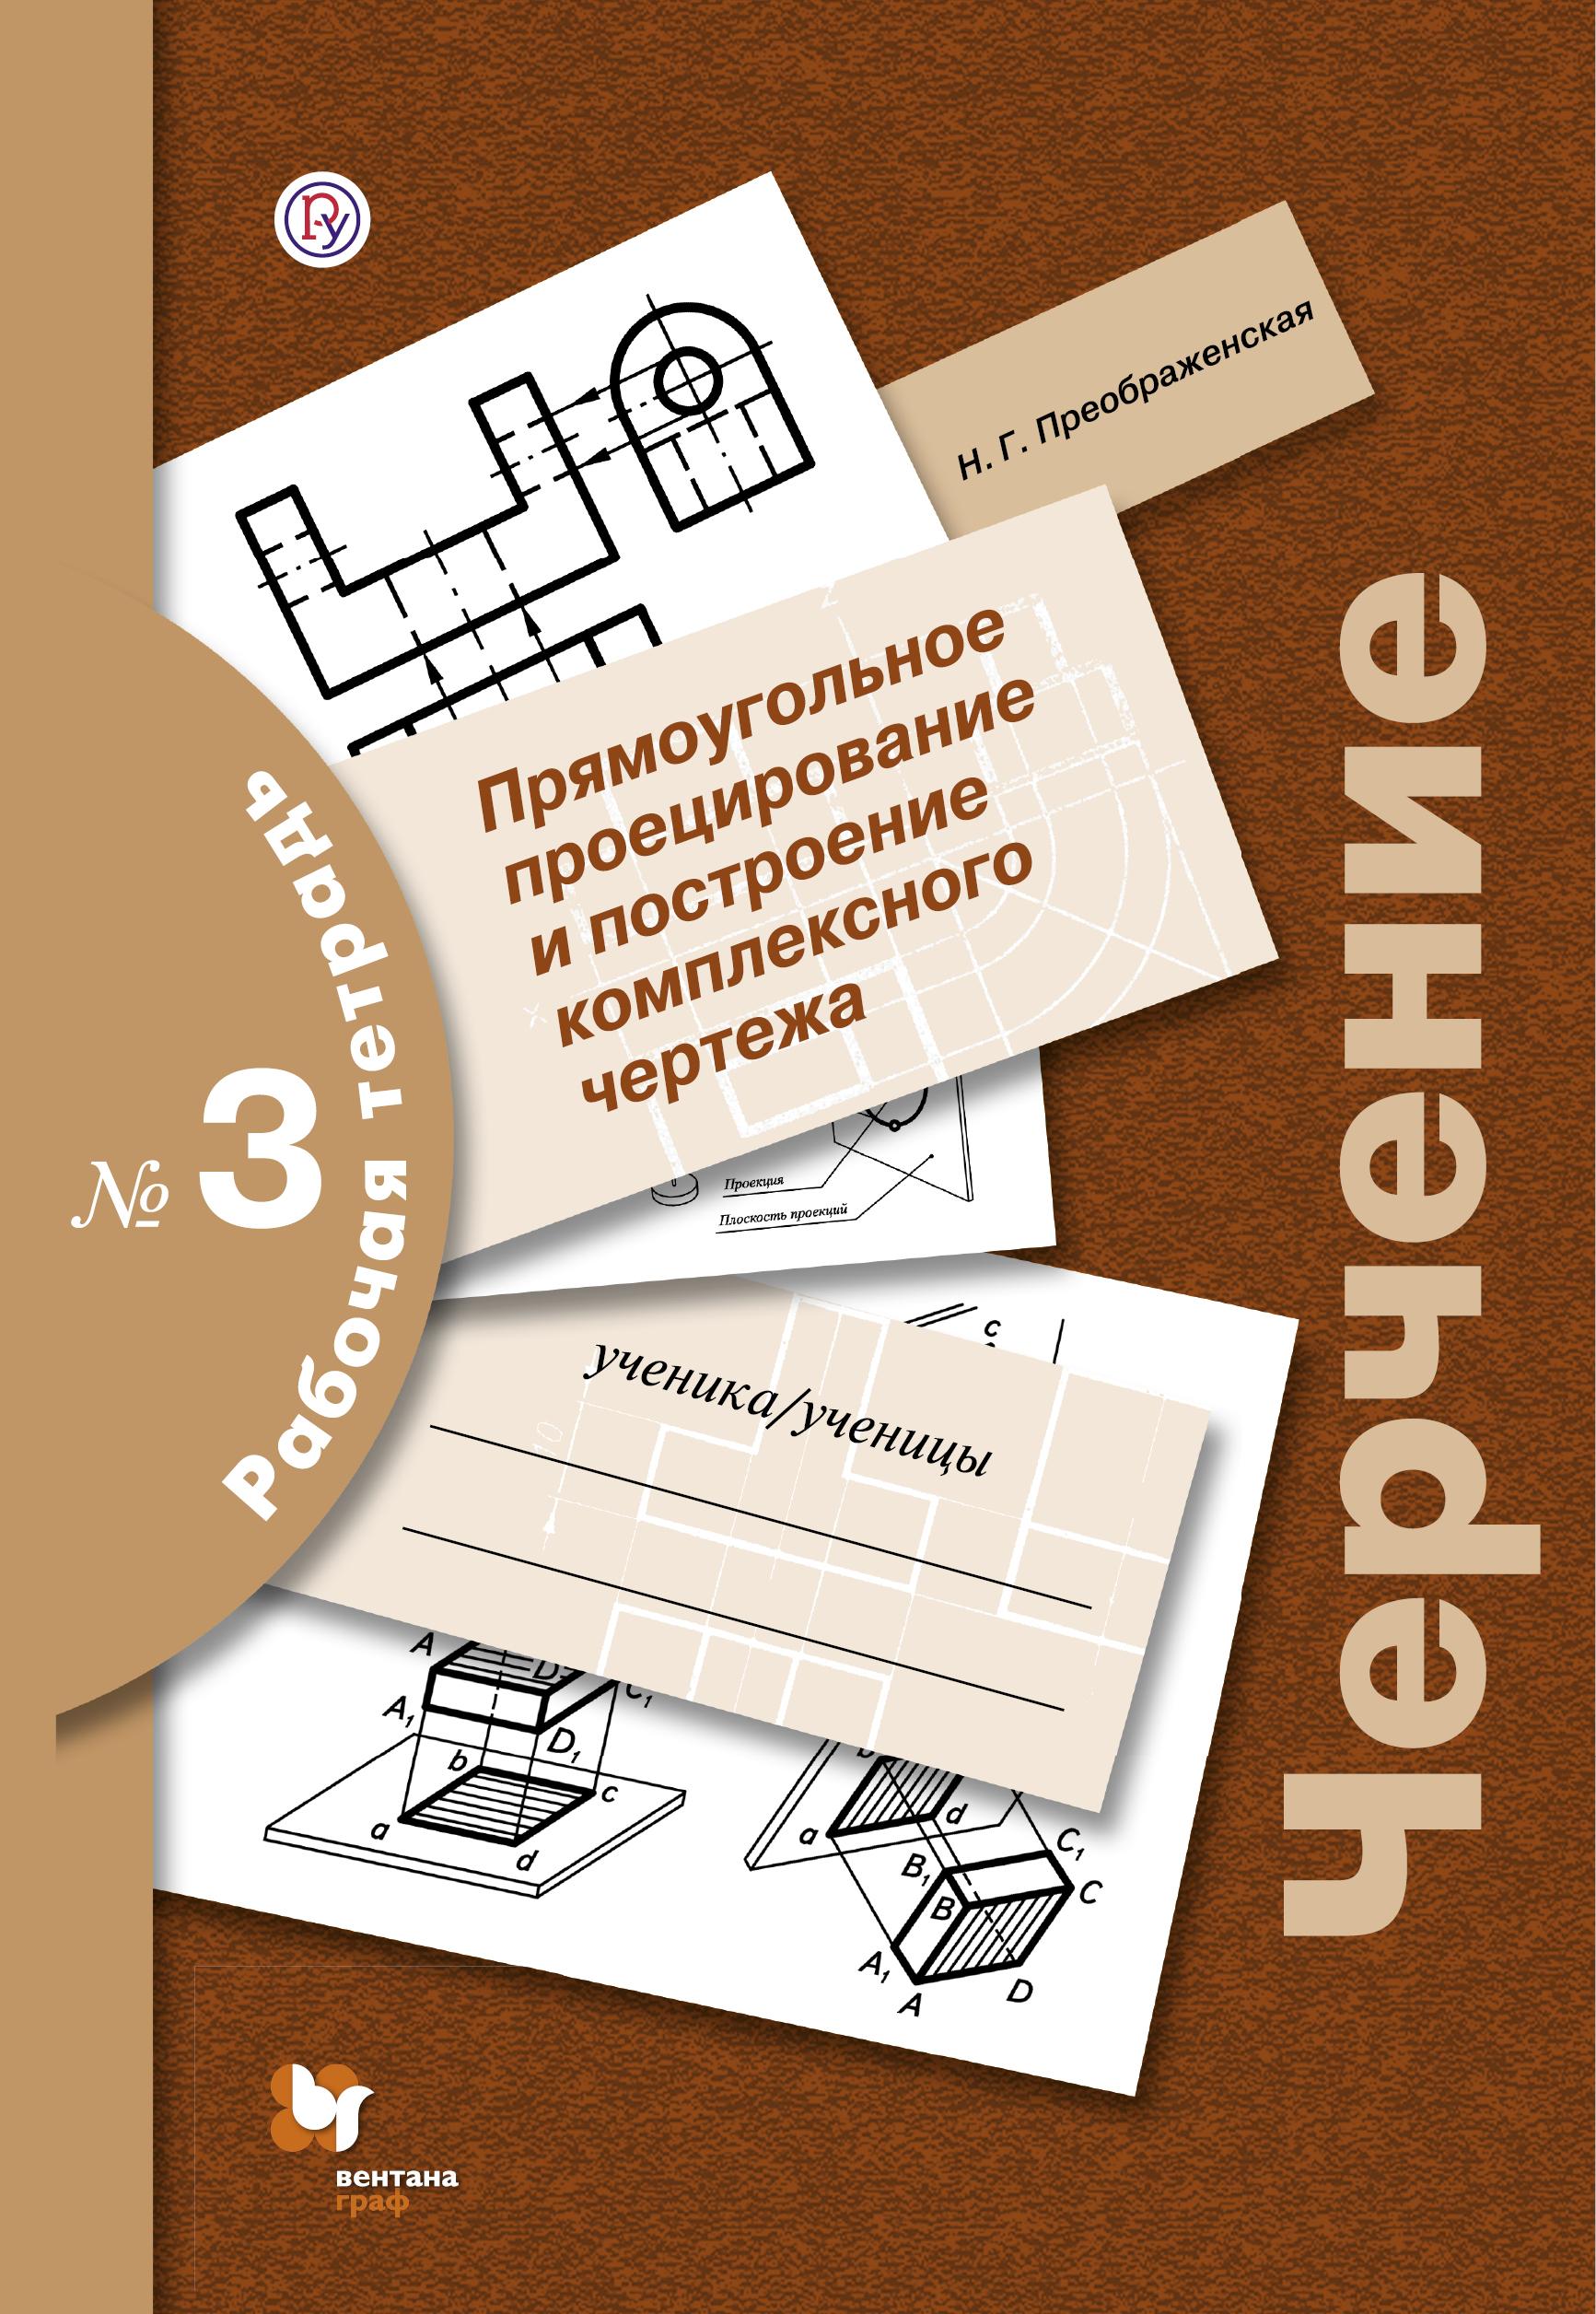 Н Г Преображенская Черчение 8-9 классы Прямоугольное проецирование и построение комплексного чертежа Рабочая тетрадь №3